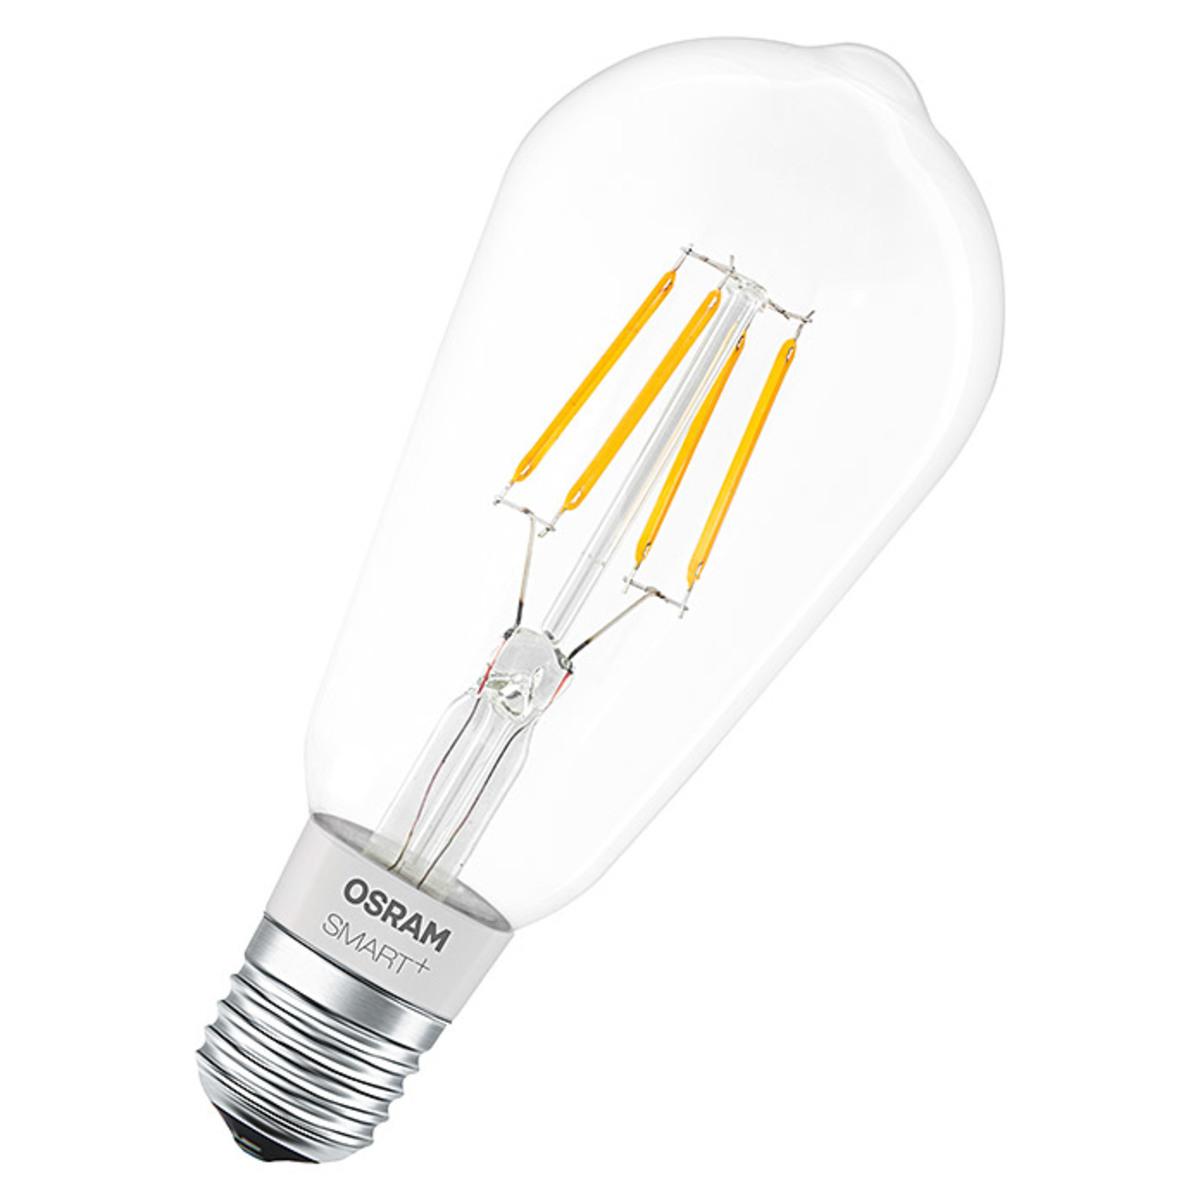 Bild 2 von Osram Smart+ Bluetooth LED-Leuchtmittel Edison 60 Filament